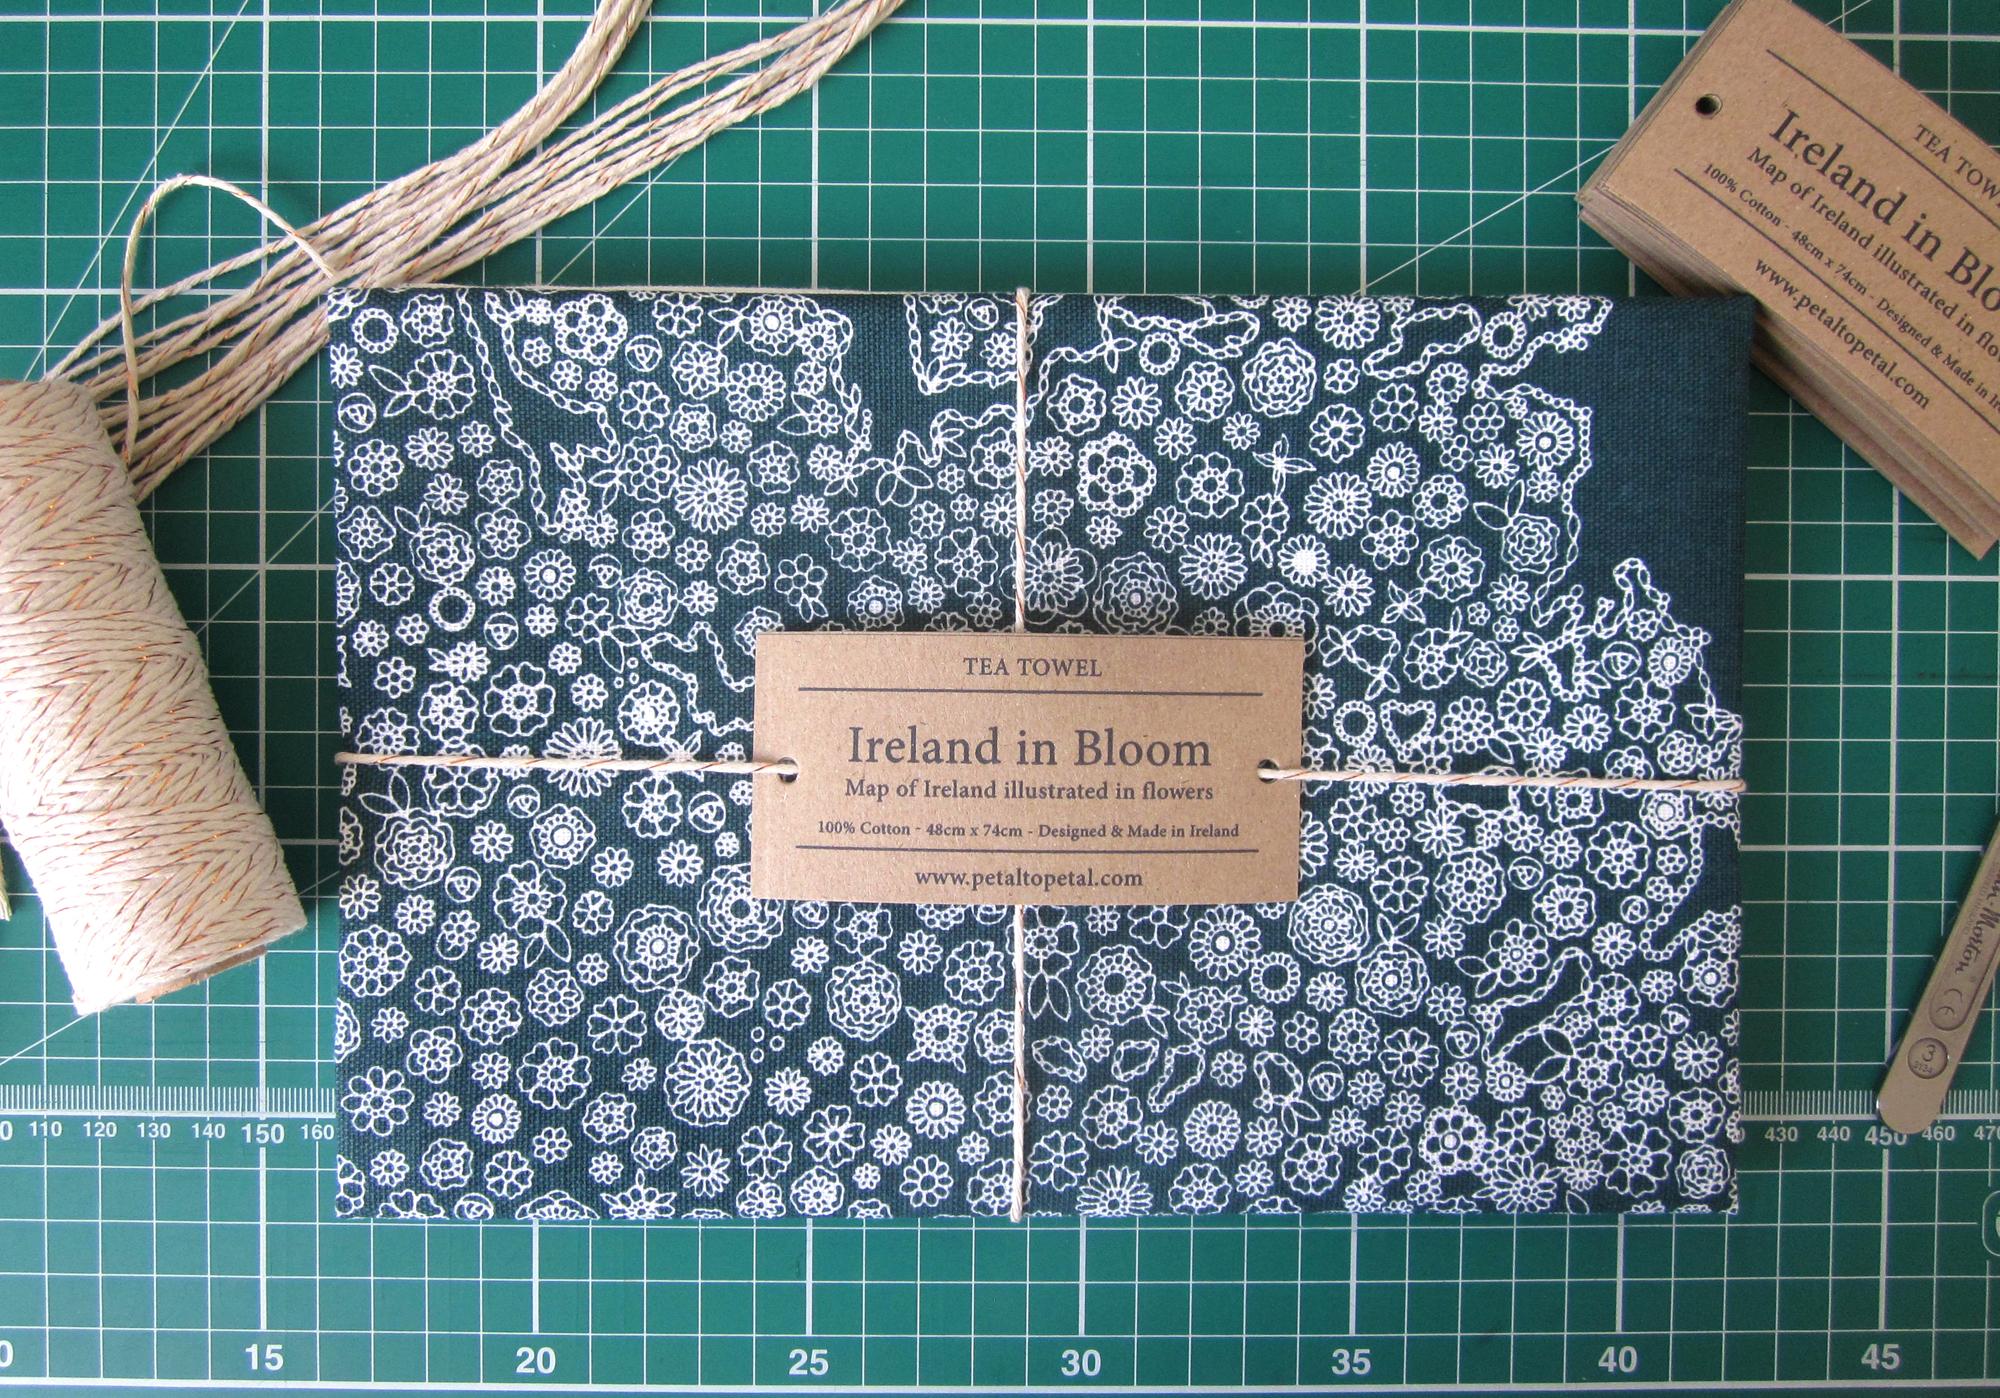 IrelandInBloom_PetaltoPetal_Packaging.jpg